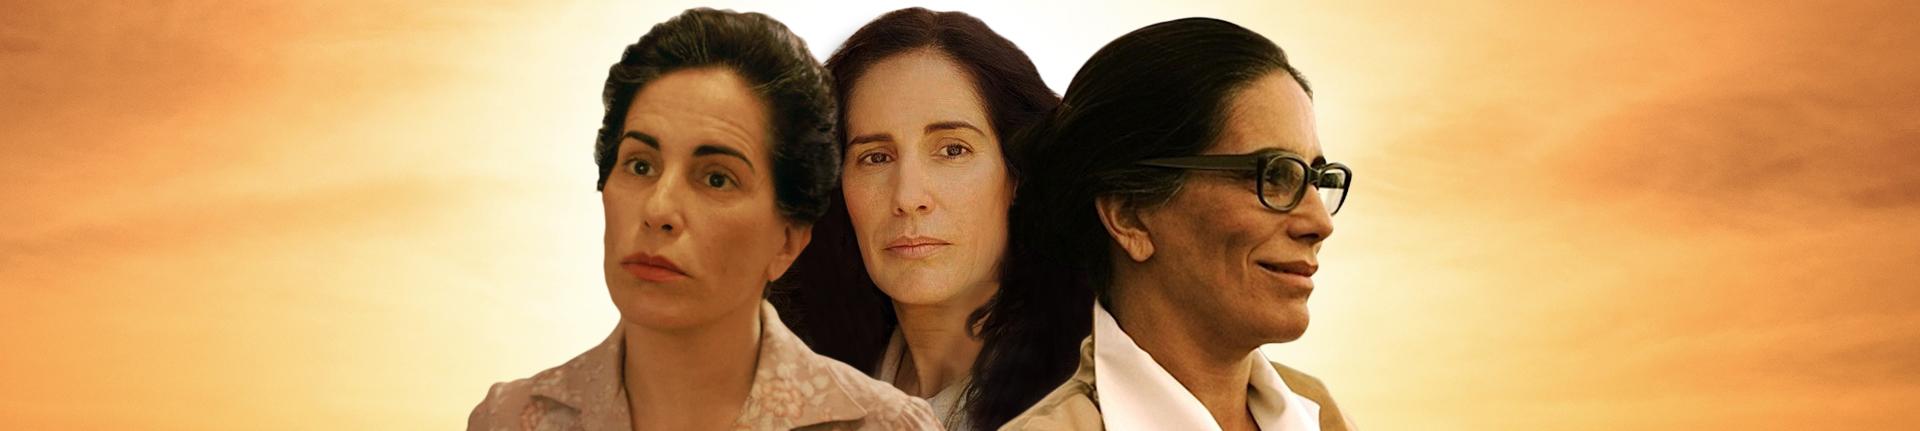 Mulheres históricas – Uma homenagem às mulheres do Brasil